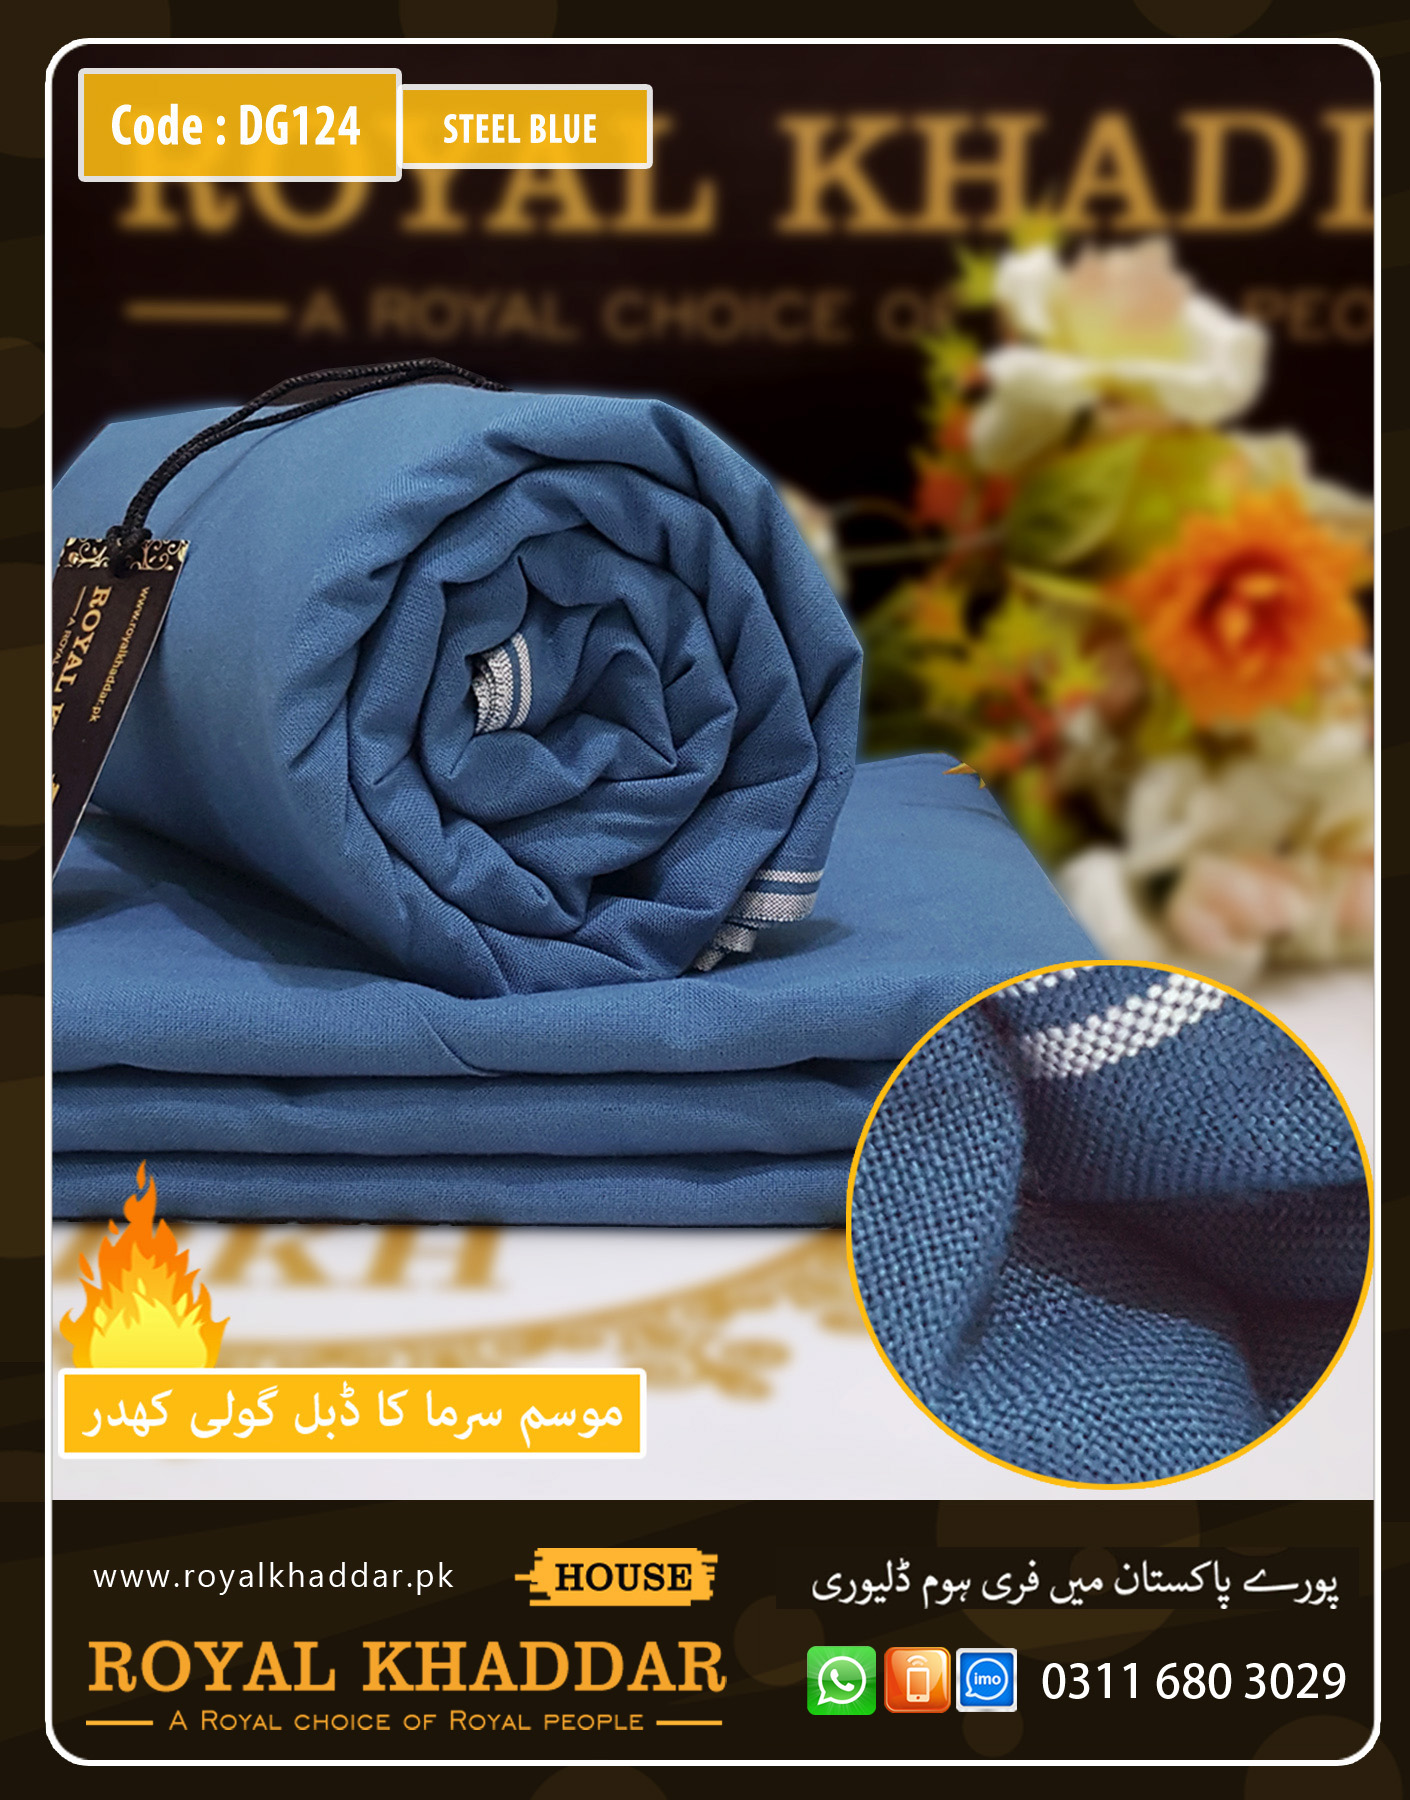 DG124 Steel Blue Double Goli Winter Khaddar